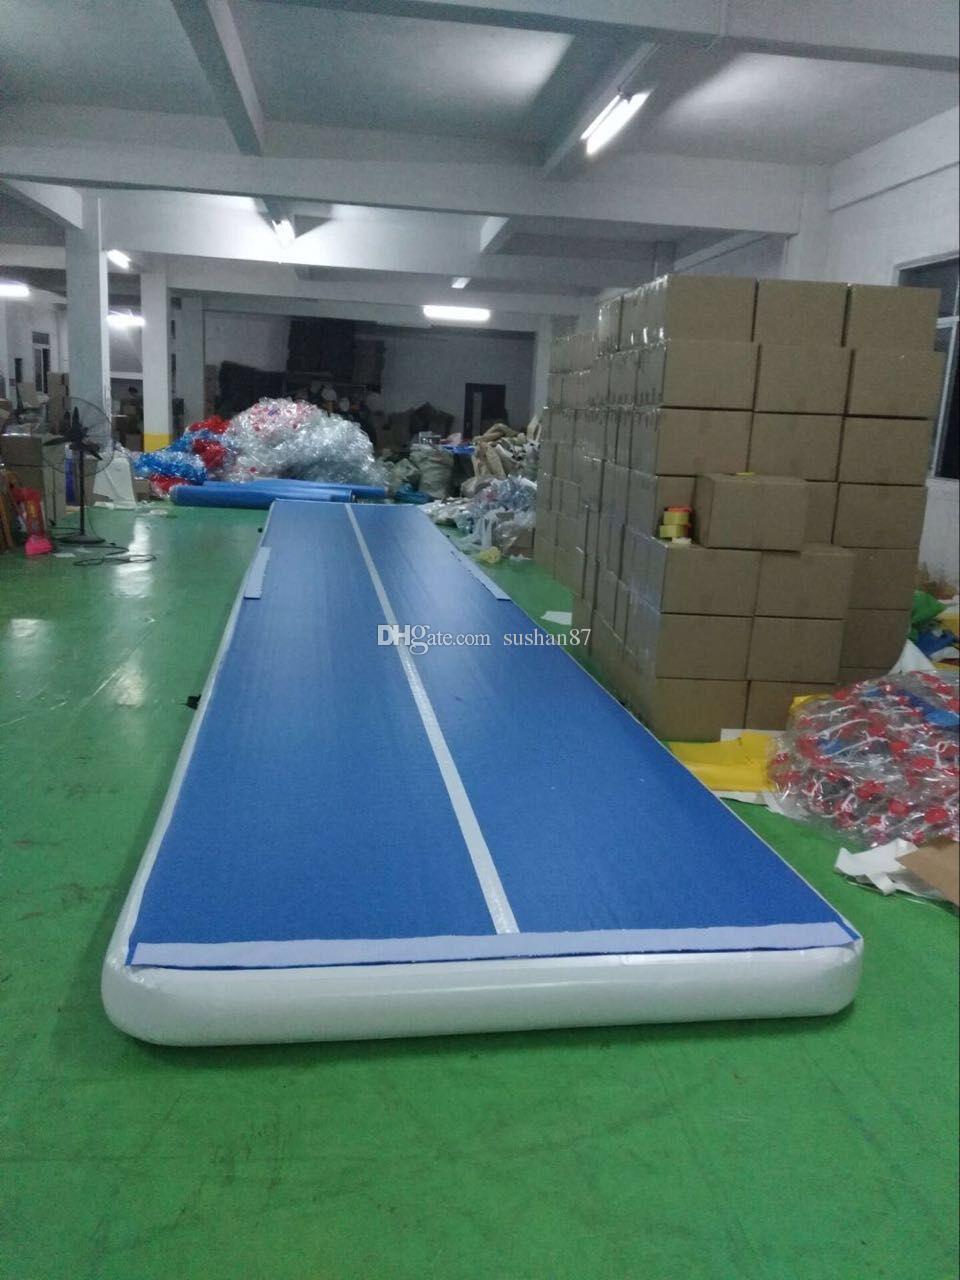 Freies Verschiffen 12m Länge Inflatable Air Track Für Gym Aufblasbare Gym Air Track Trampolin Mats Aufblasbare Tumble Spur freie Pumpe